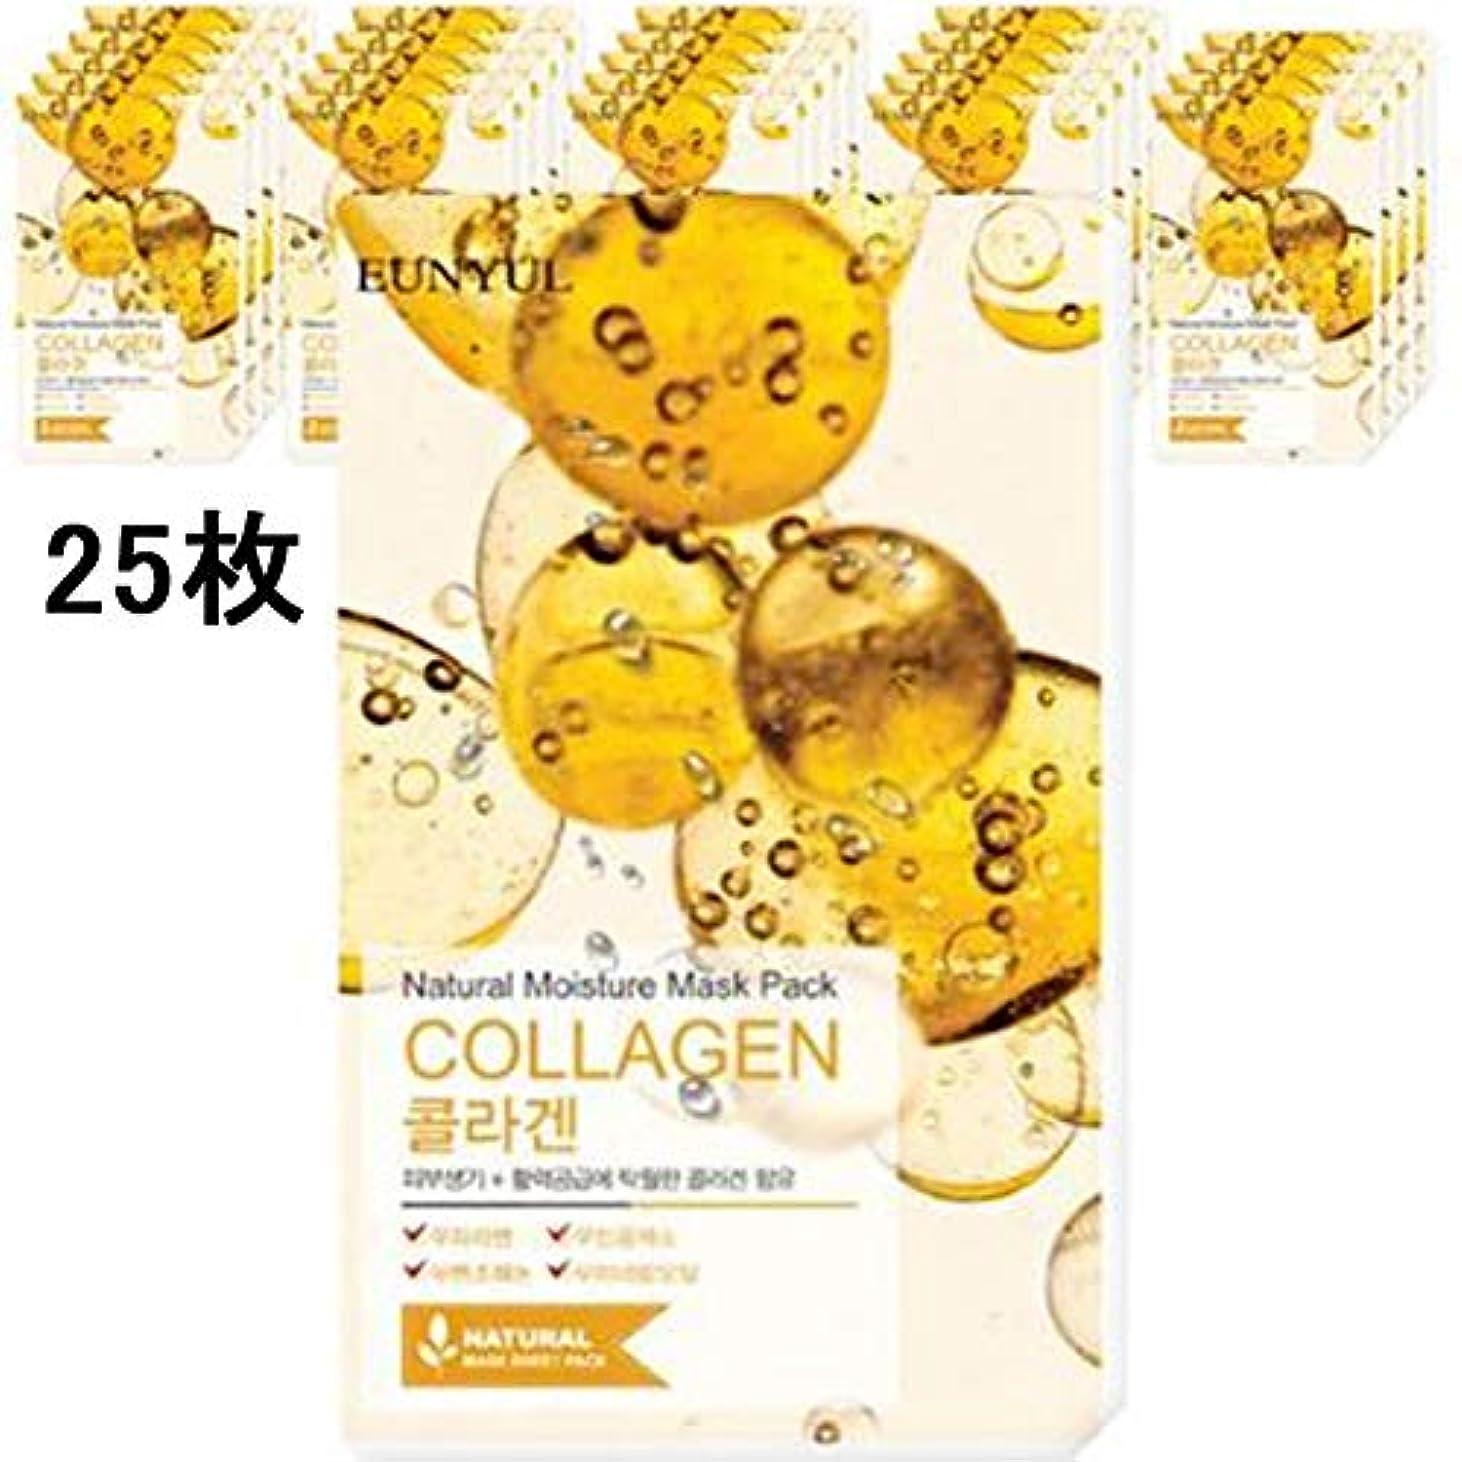 財産ドームサンドイッチ[EUNYUL] 殷栗ナチュラルコラーゲンマスクパック 25枚 (22ml) [海外直送品][並行輸入品]